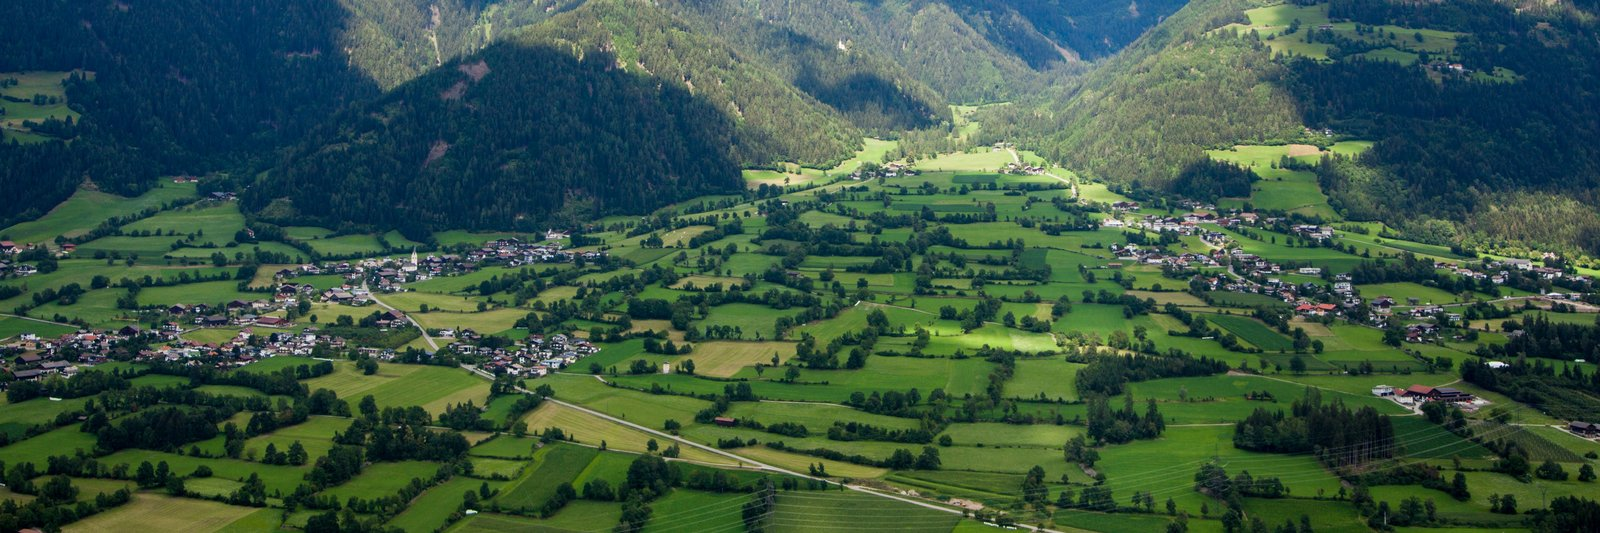 Luftaufnahme vom Talboden Lienz